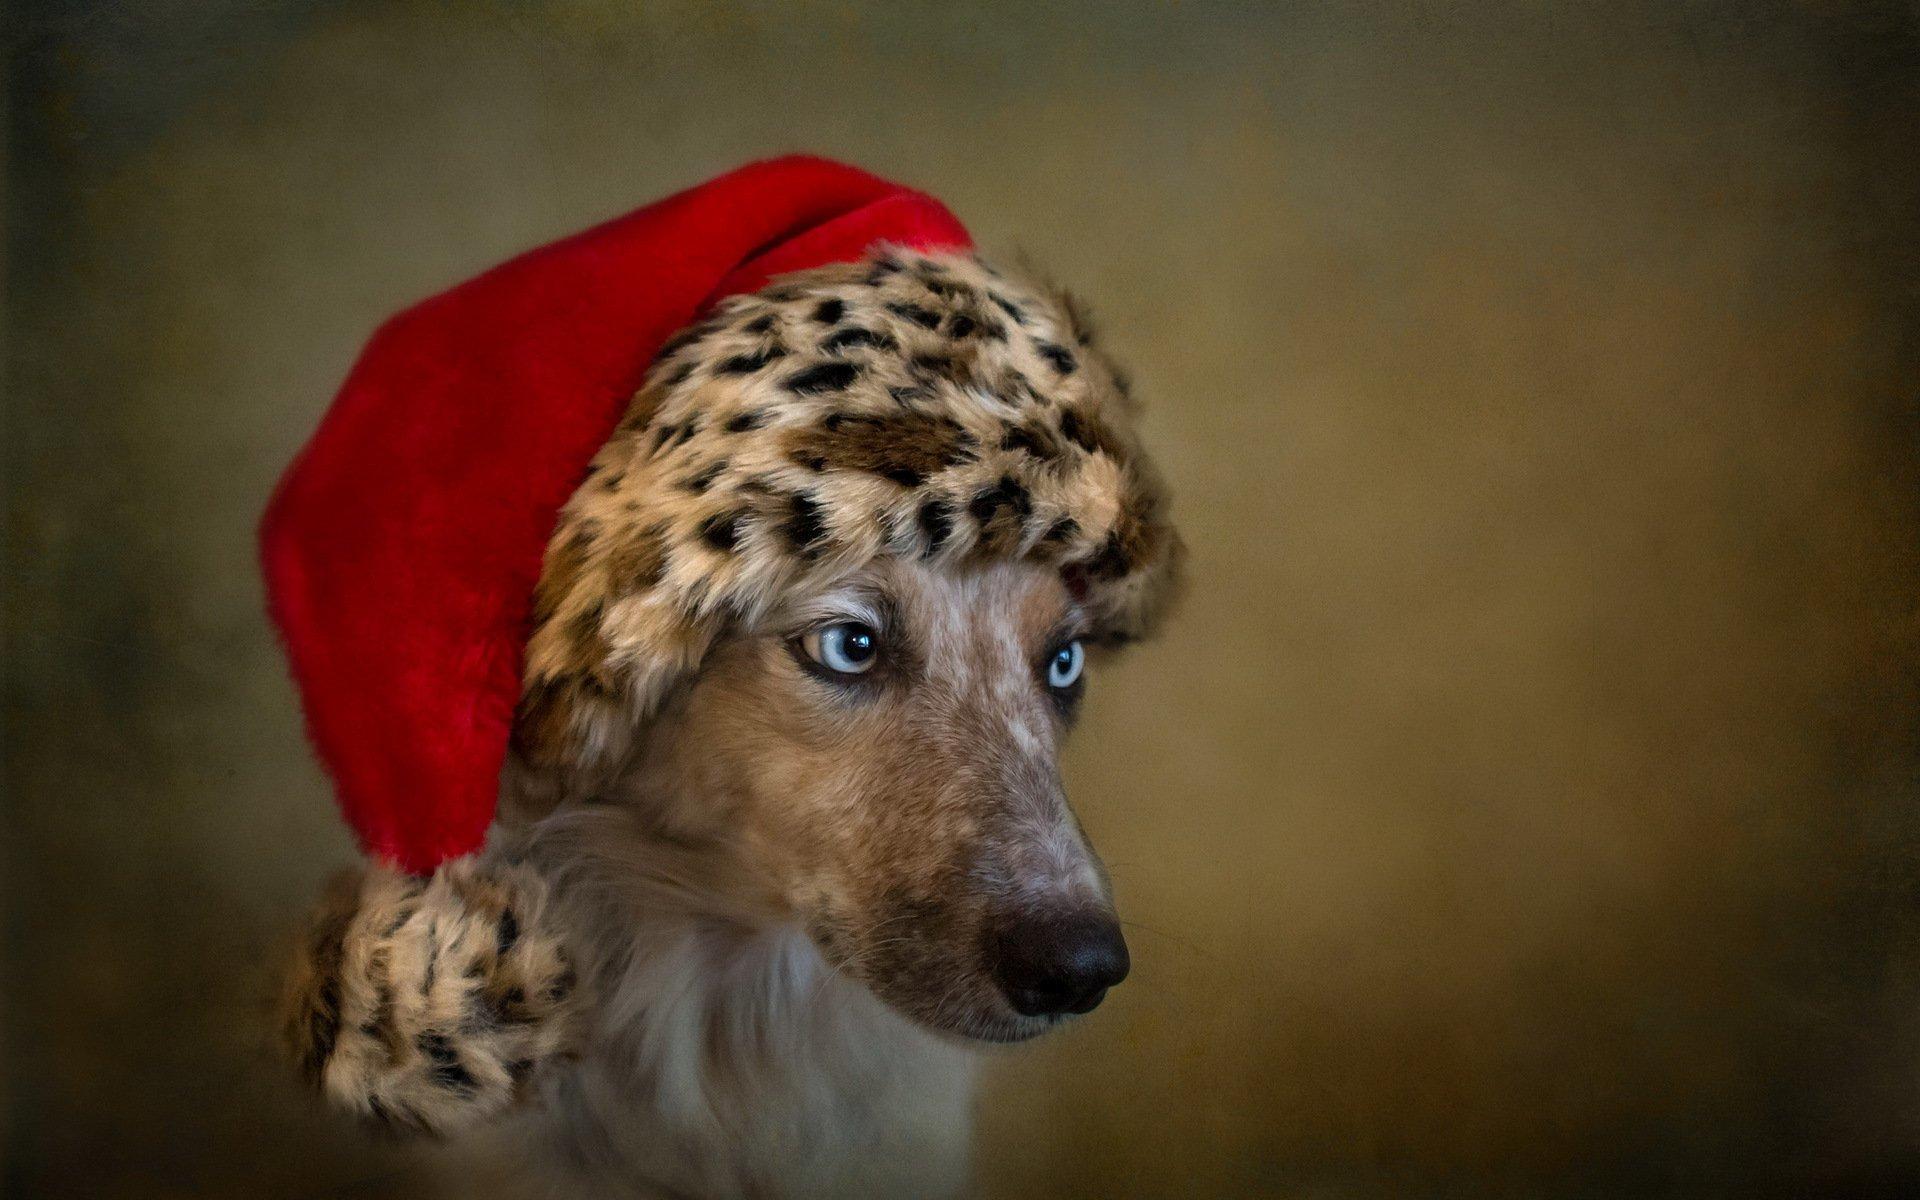 картинки шапок животных драйвера предельно